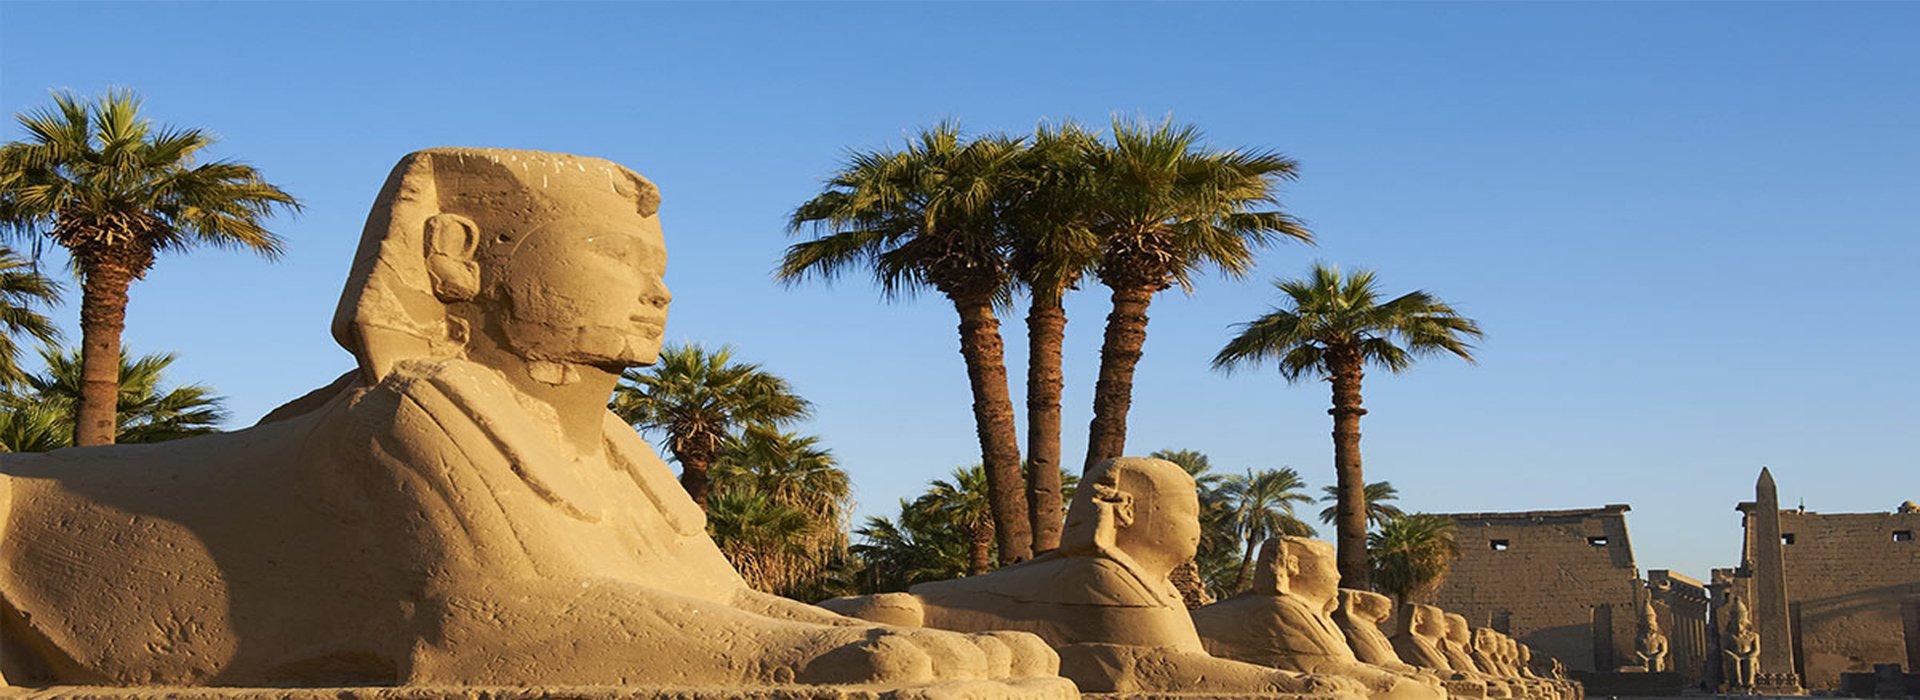 egypte-banner1.jpg